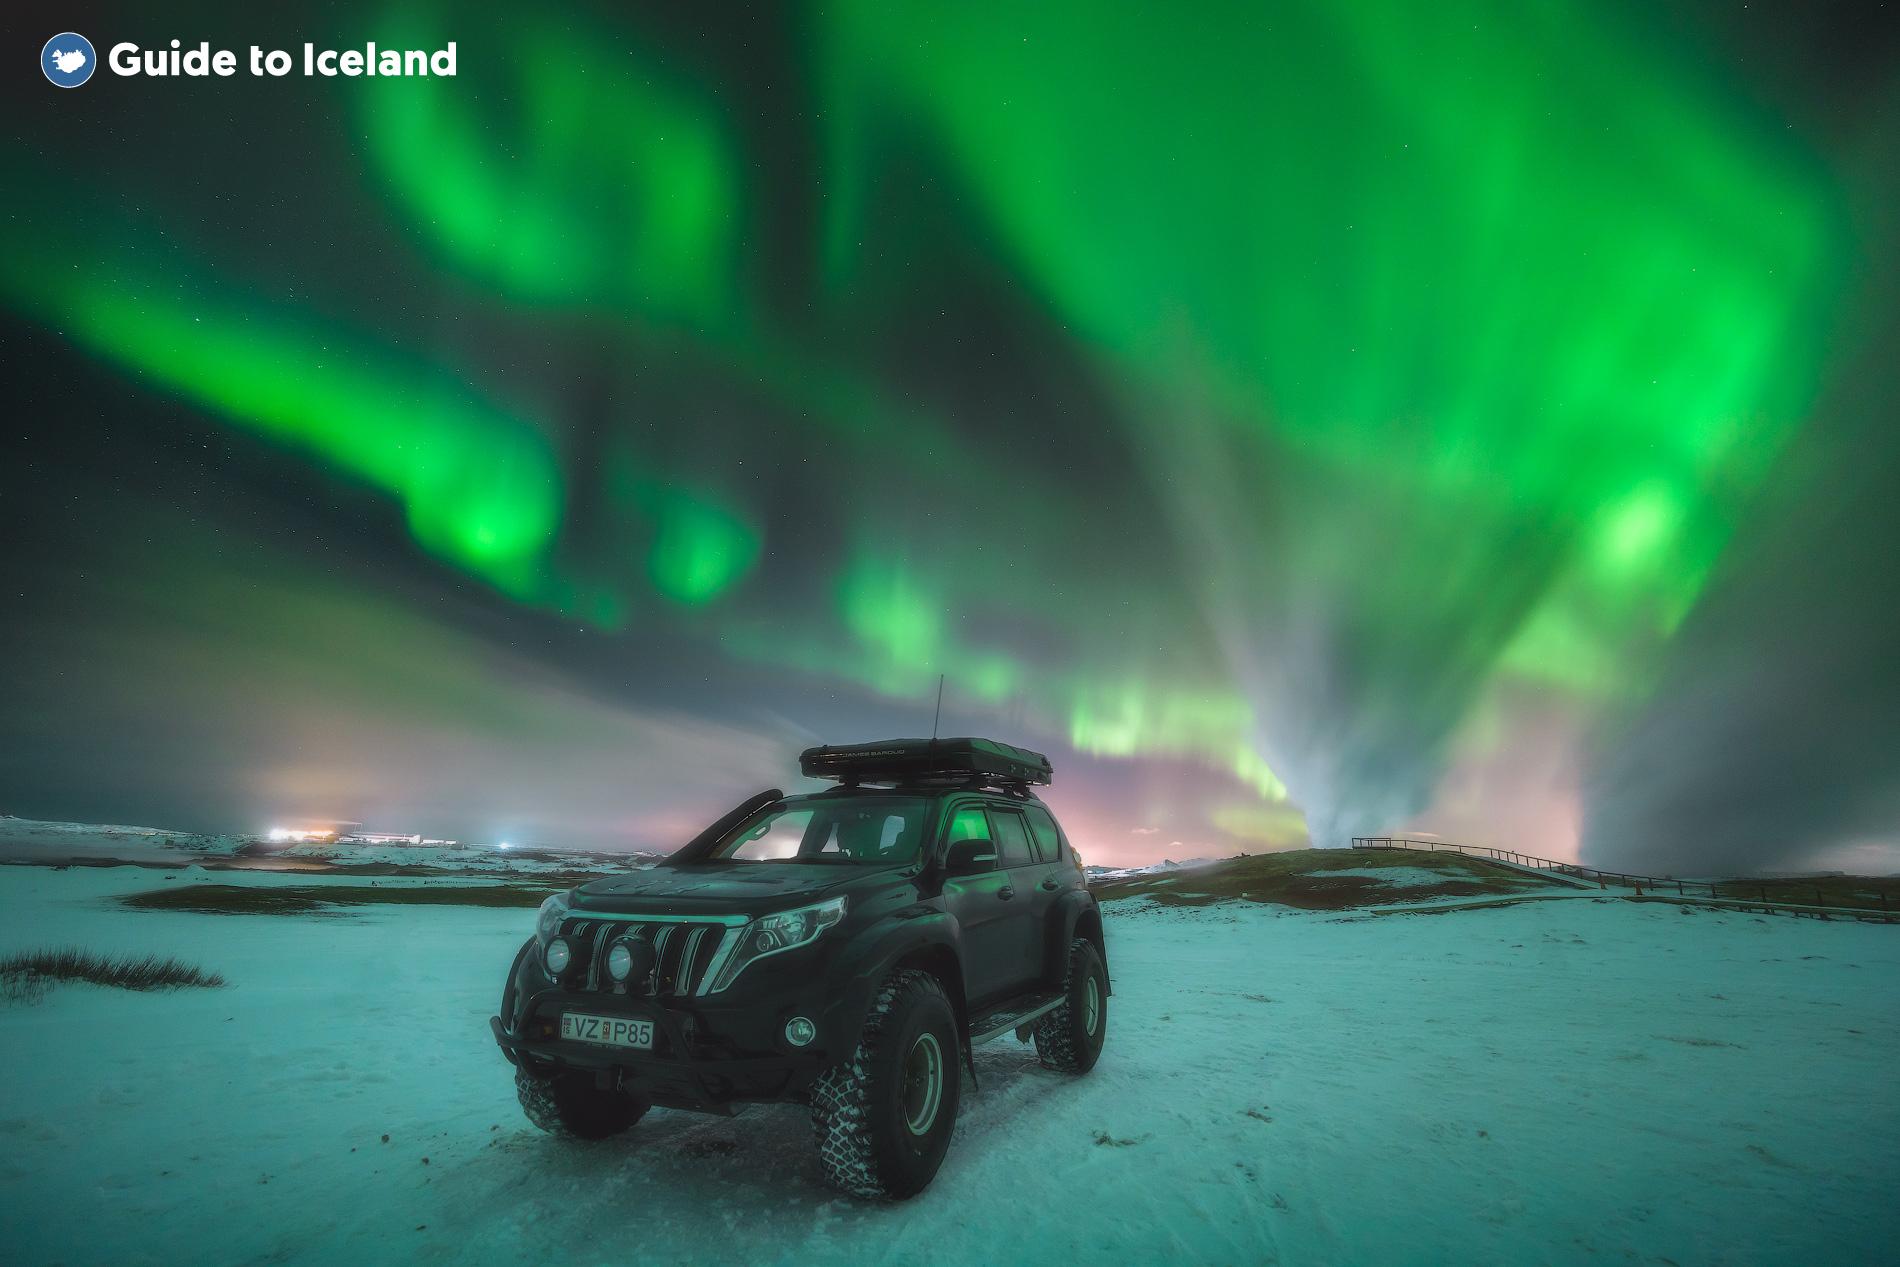 렌트카로 여행하는 아이슬란드의 겨울! 오로라 거기있어!